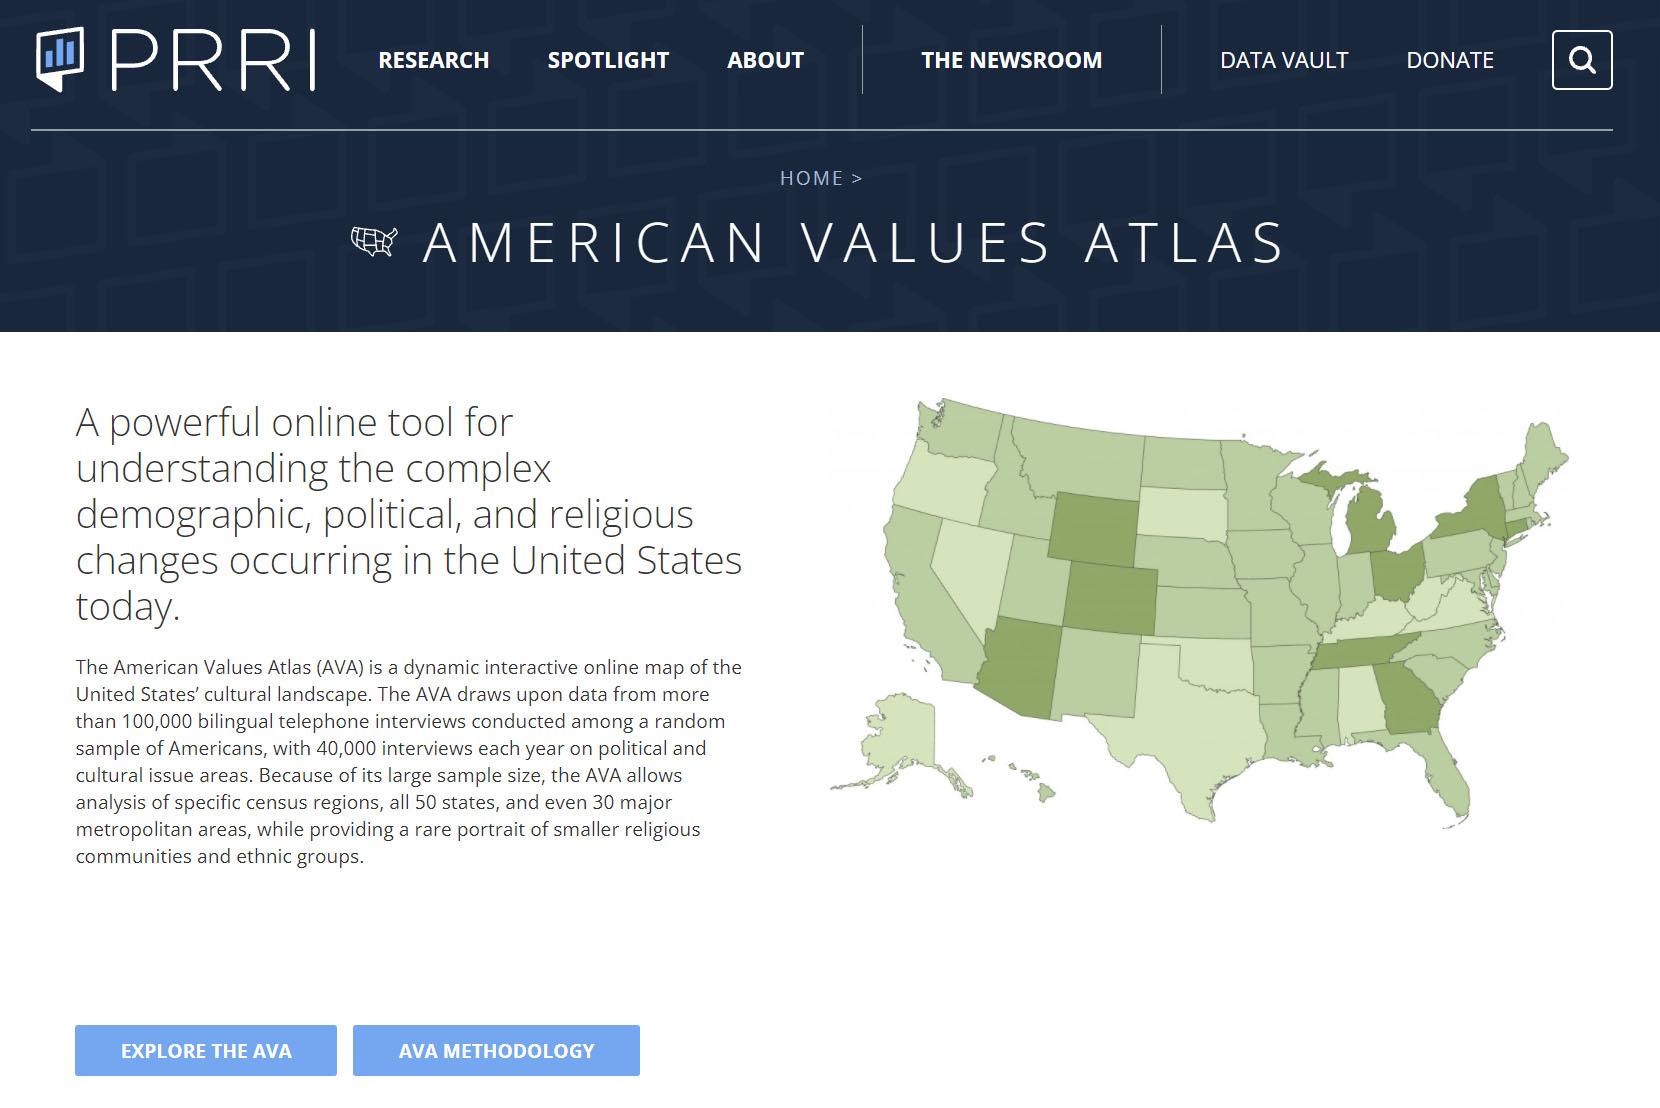 American Values Atlas